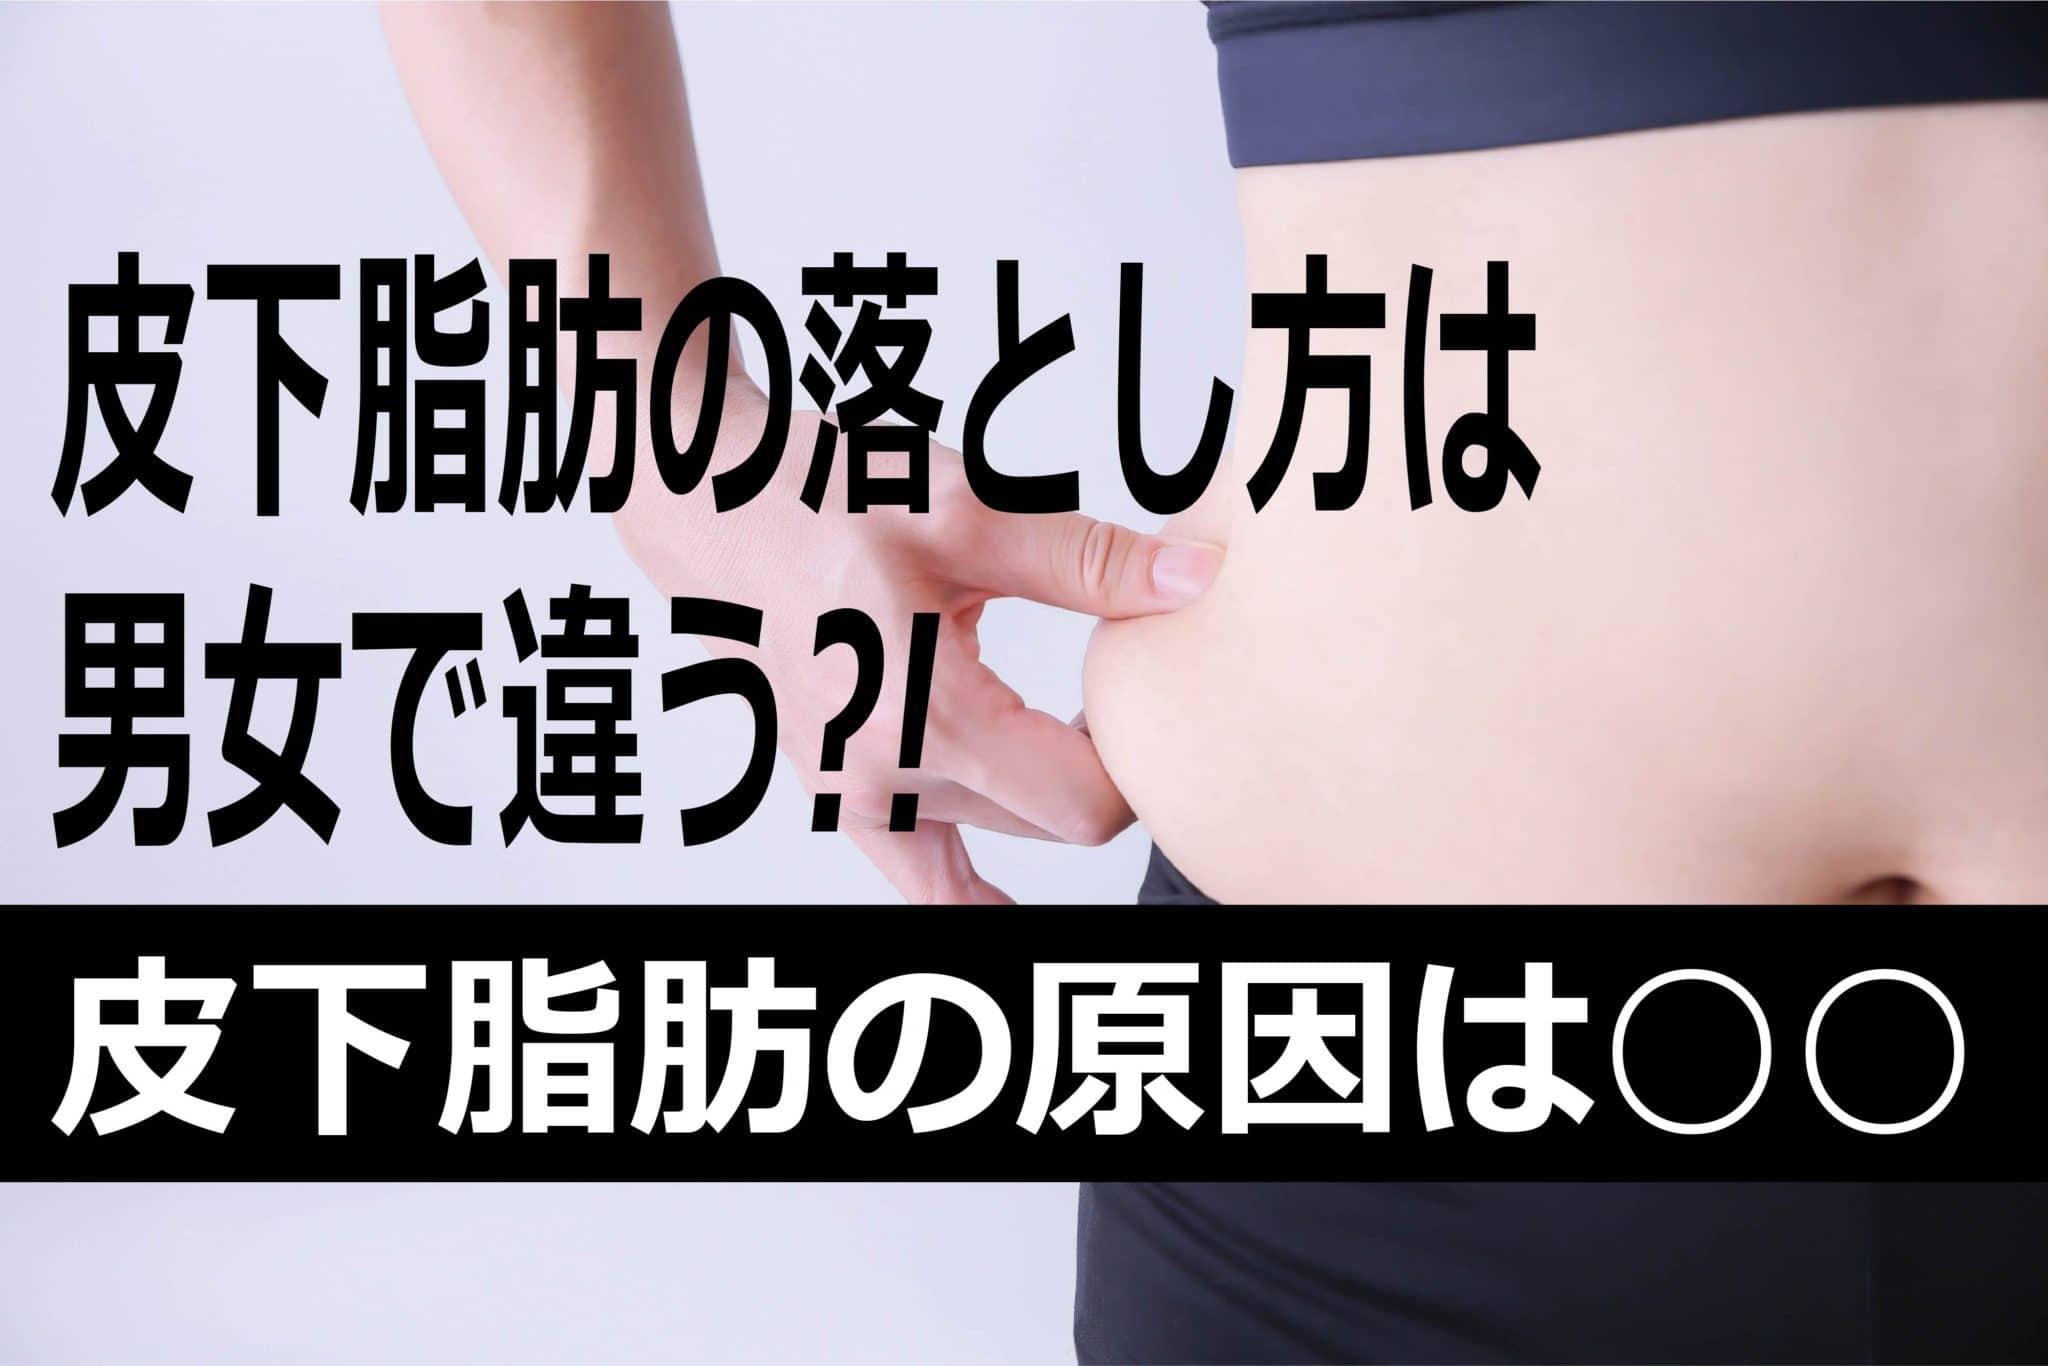 皮下脂肪の落とし方は男女で違う?!皮下脂肪の原因は○○?!